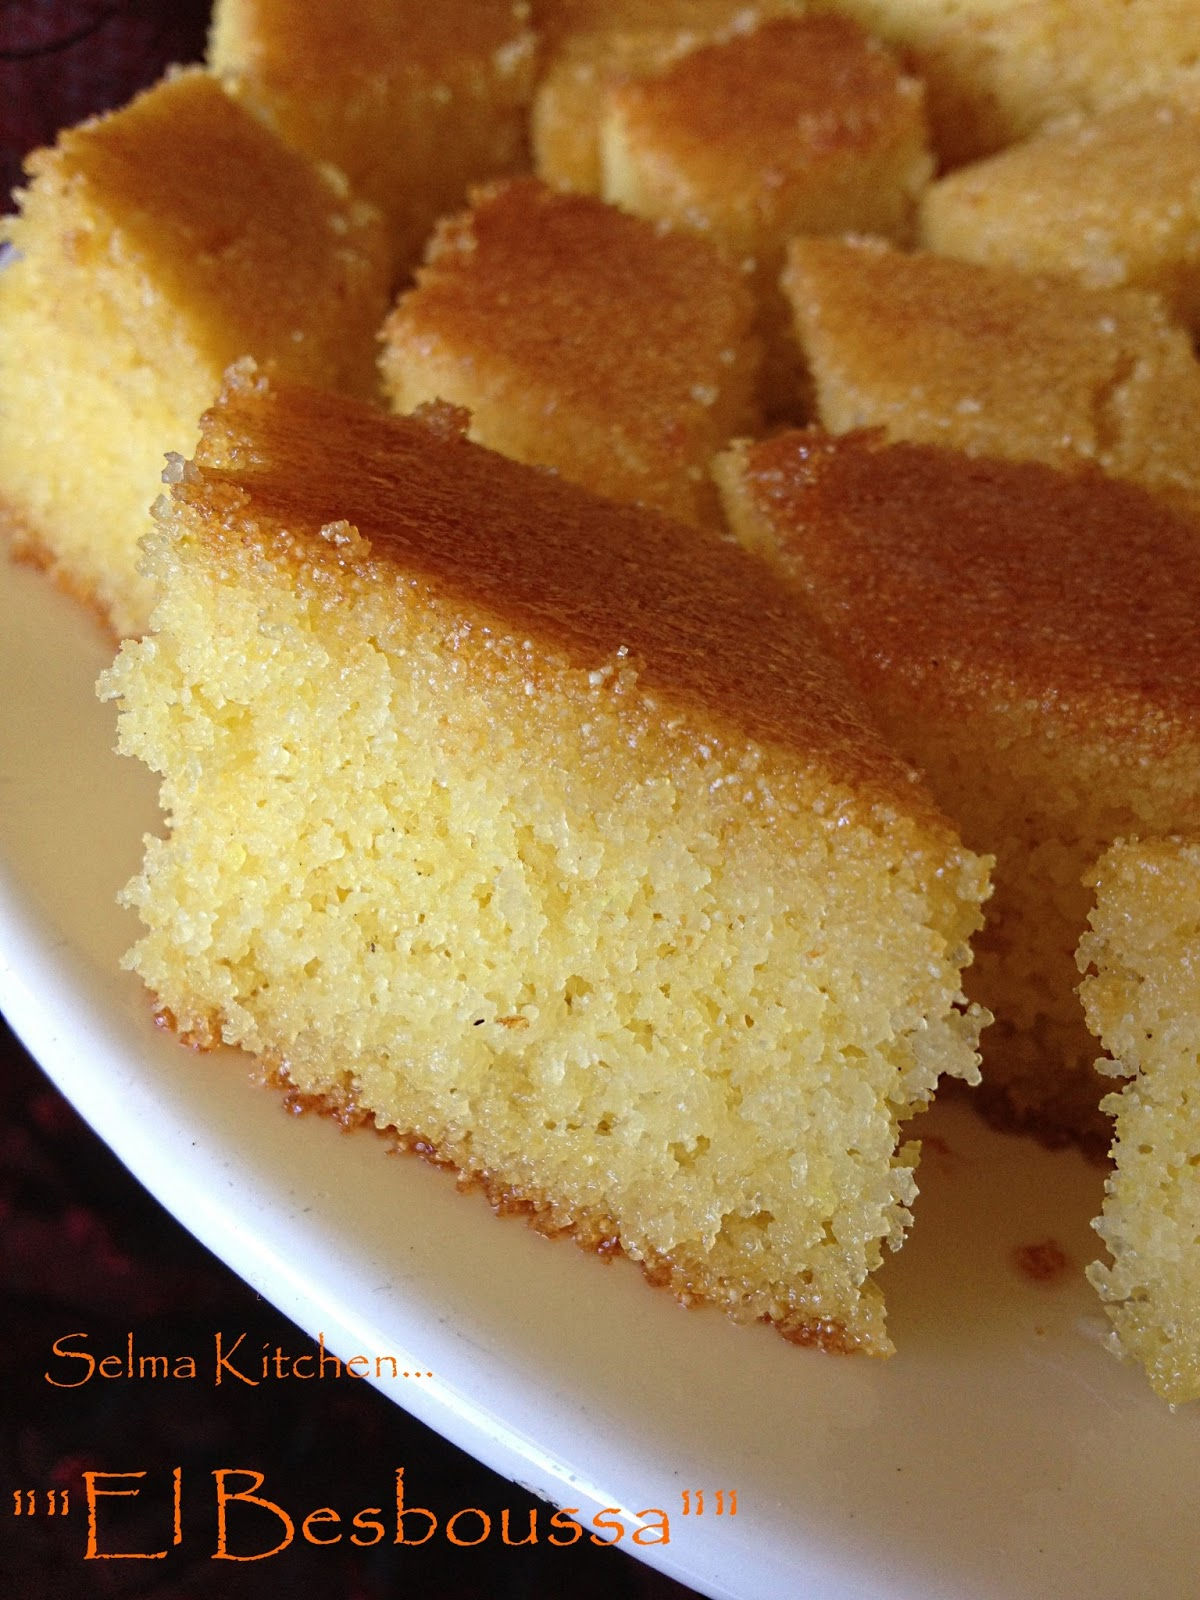 selma kitchen recette de besboussa el besboussa recette de patisserie orientale facile au miel. Black Bedroom Furniture Sets. Home Design Ideas